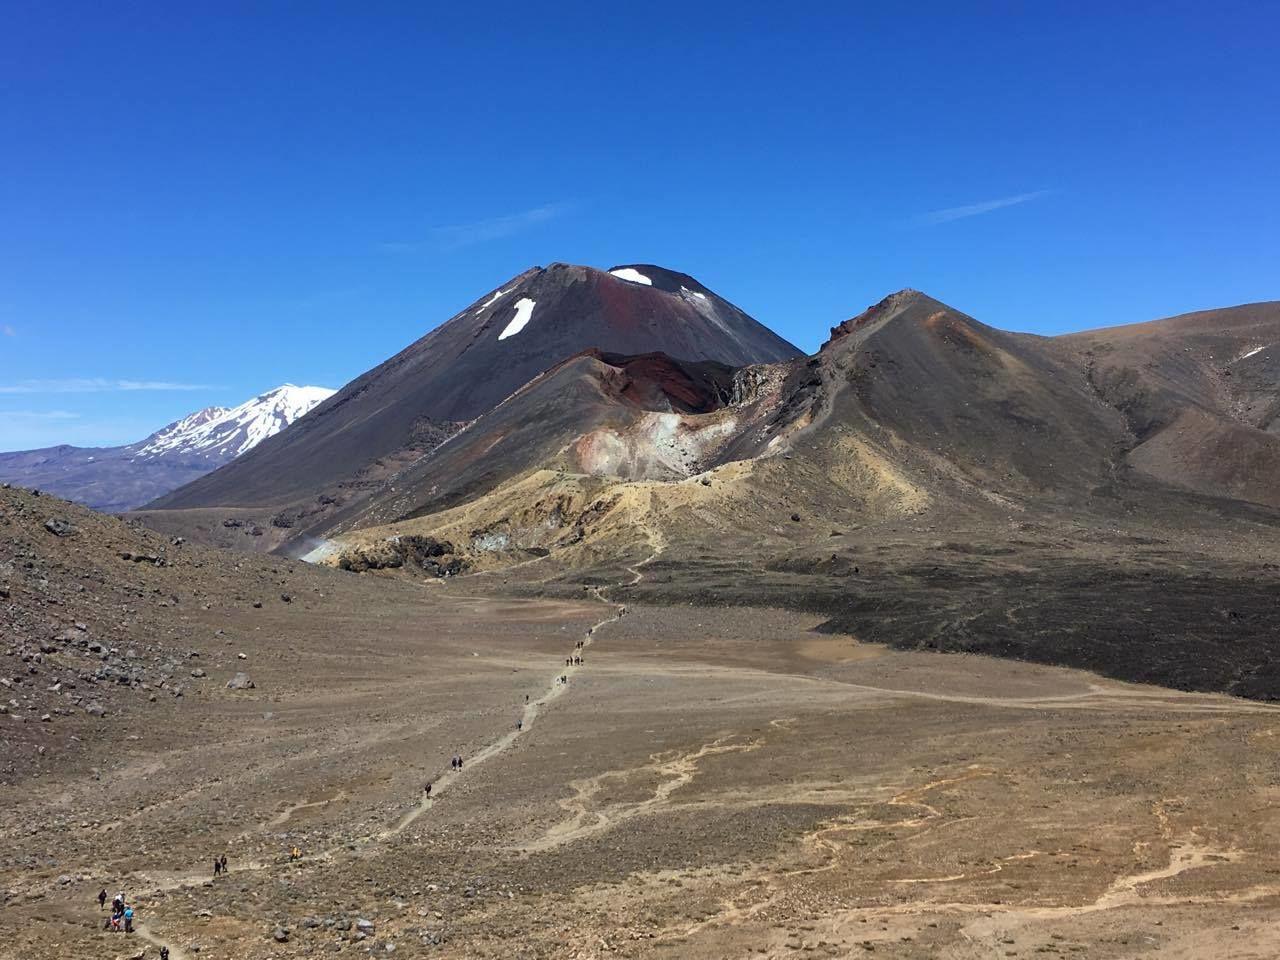 Tři sopky vedle sebe - Mt Ngauruhoe, Ruapehu a Červený kráter